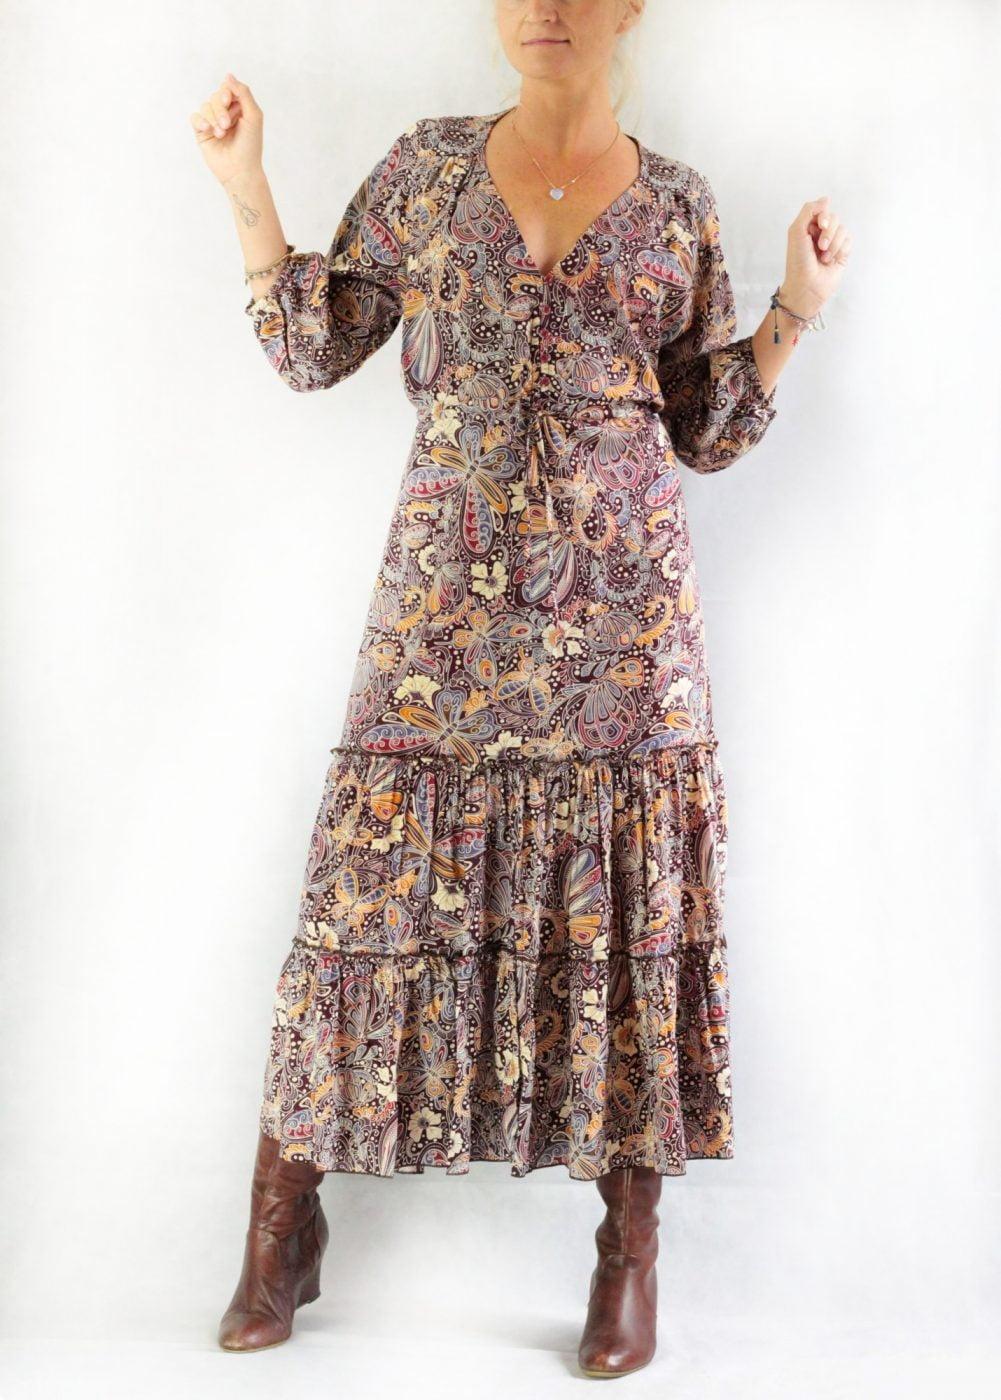 Boho Midikleid mit Schmetterlingsprint Boho Hippie Chic Kleidung Deutschland